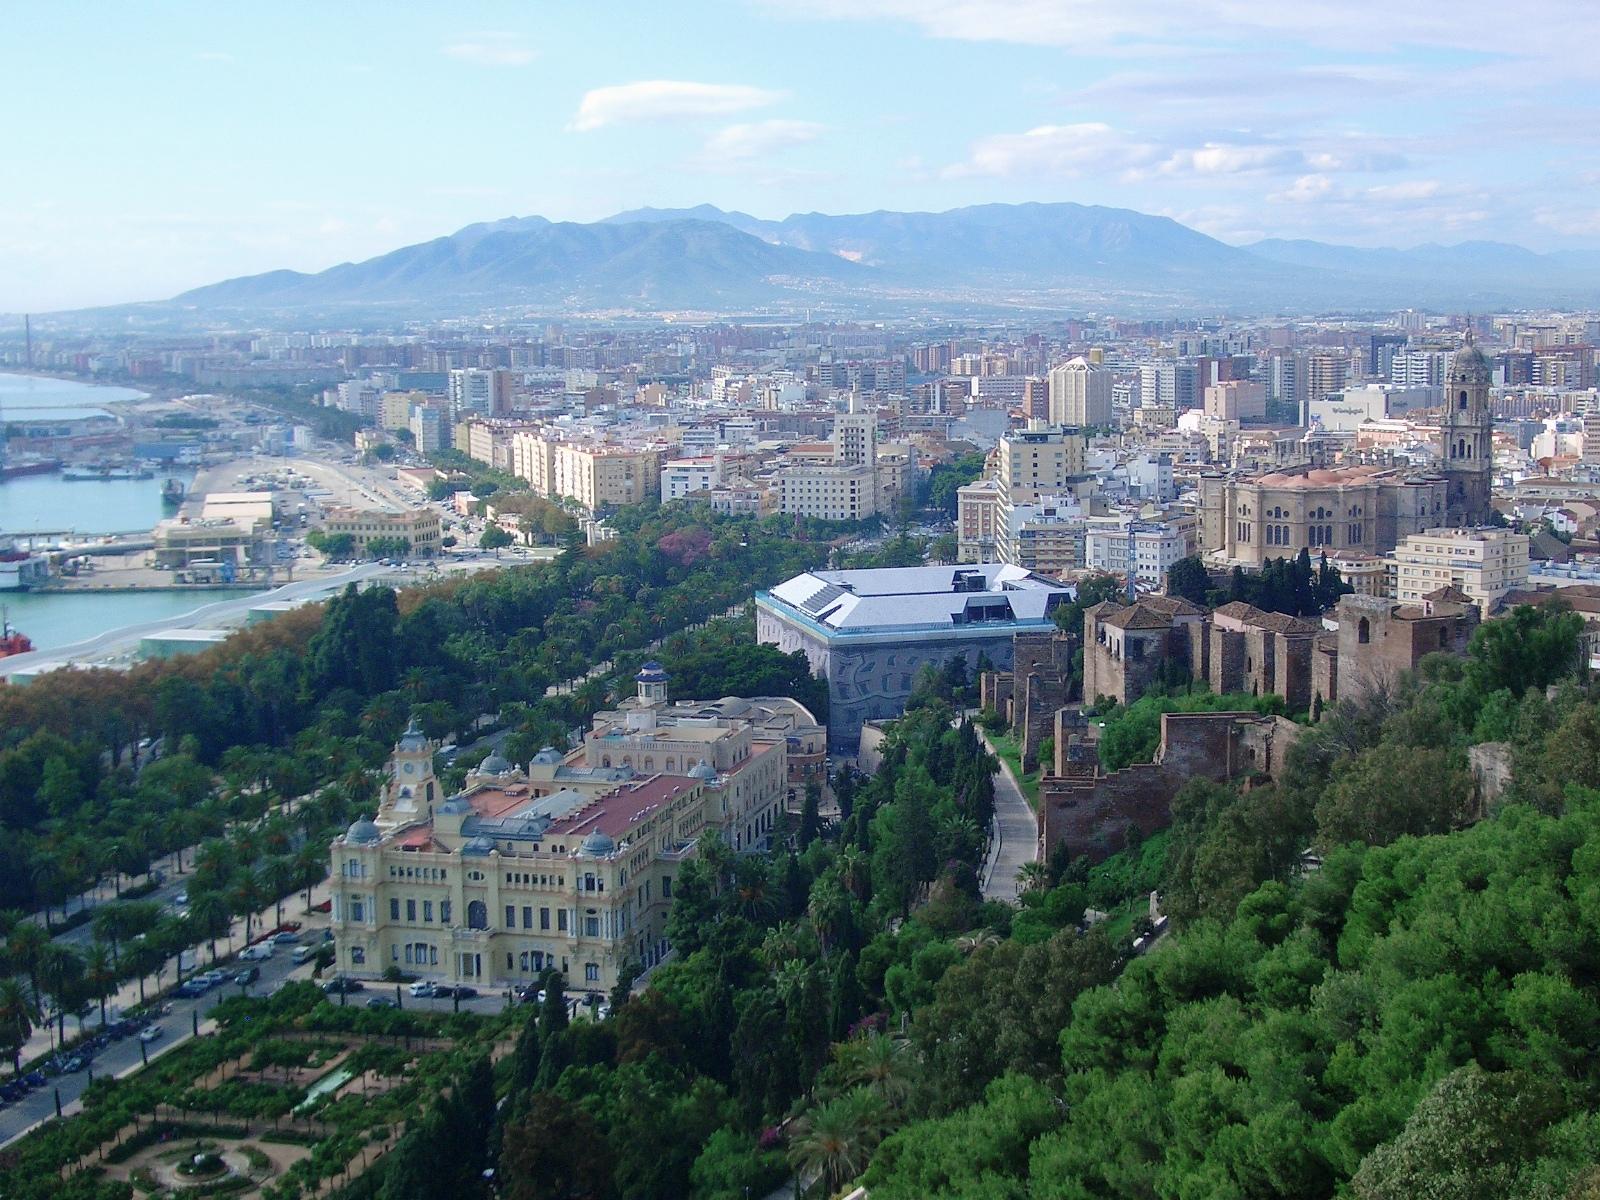 malaga_soho_costa-del-sol_cosa-vedere_guida_tour_vacanze_andalusia_andalucia__malaga